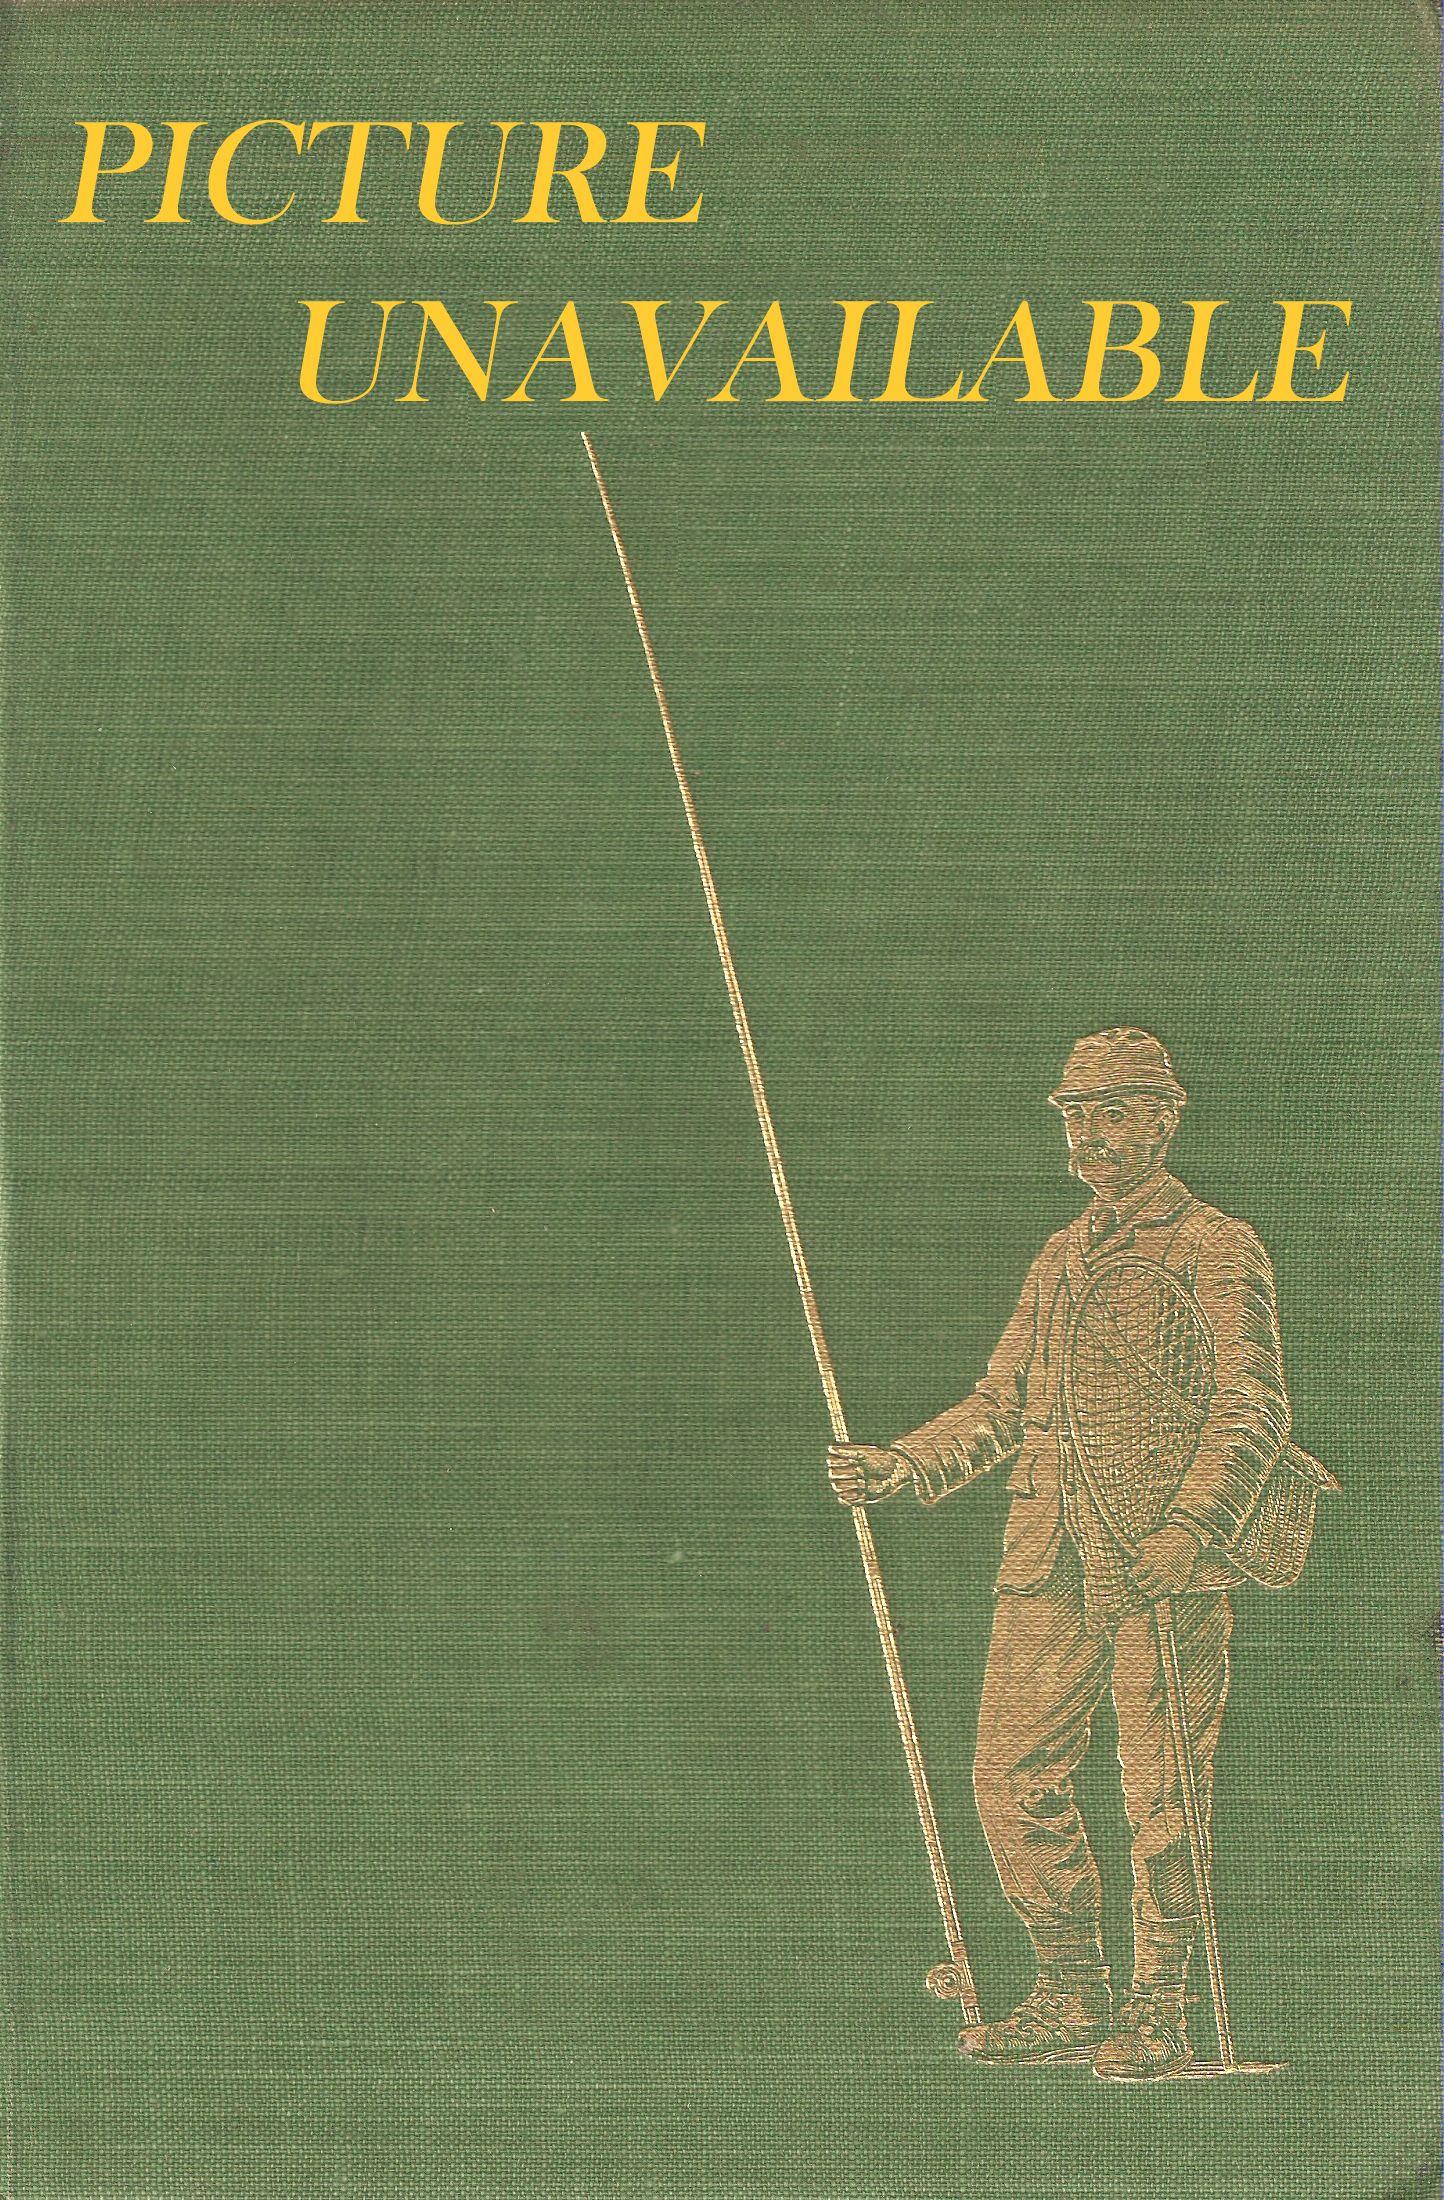 A BIRD WATCHER IN KENYA. By Vernon D. van Someren.